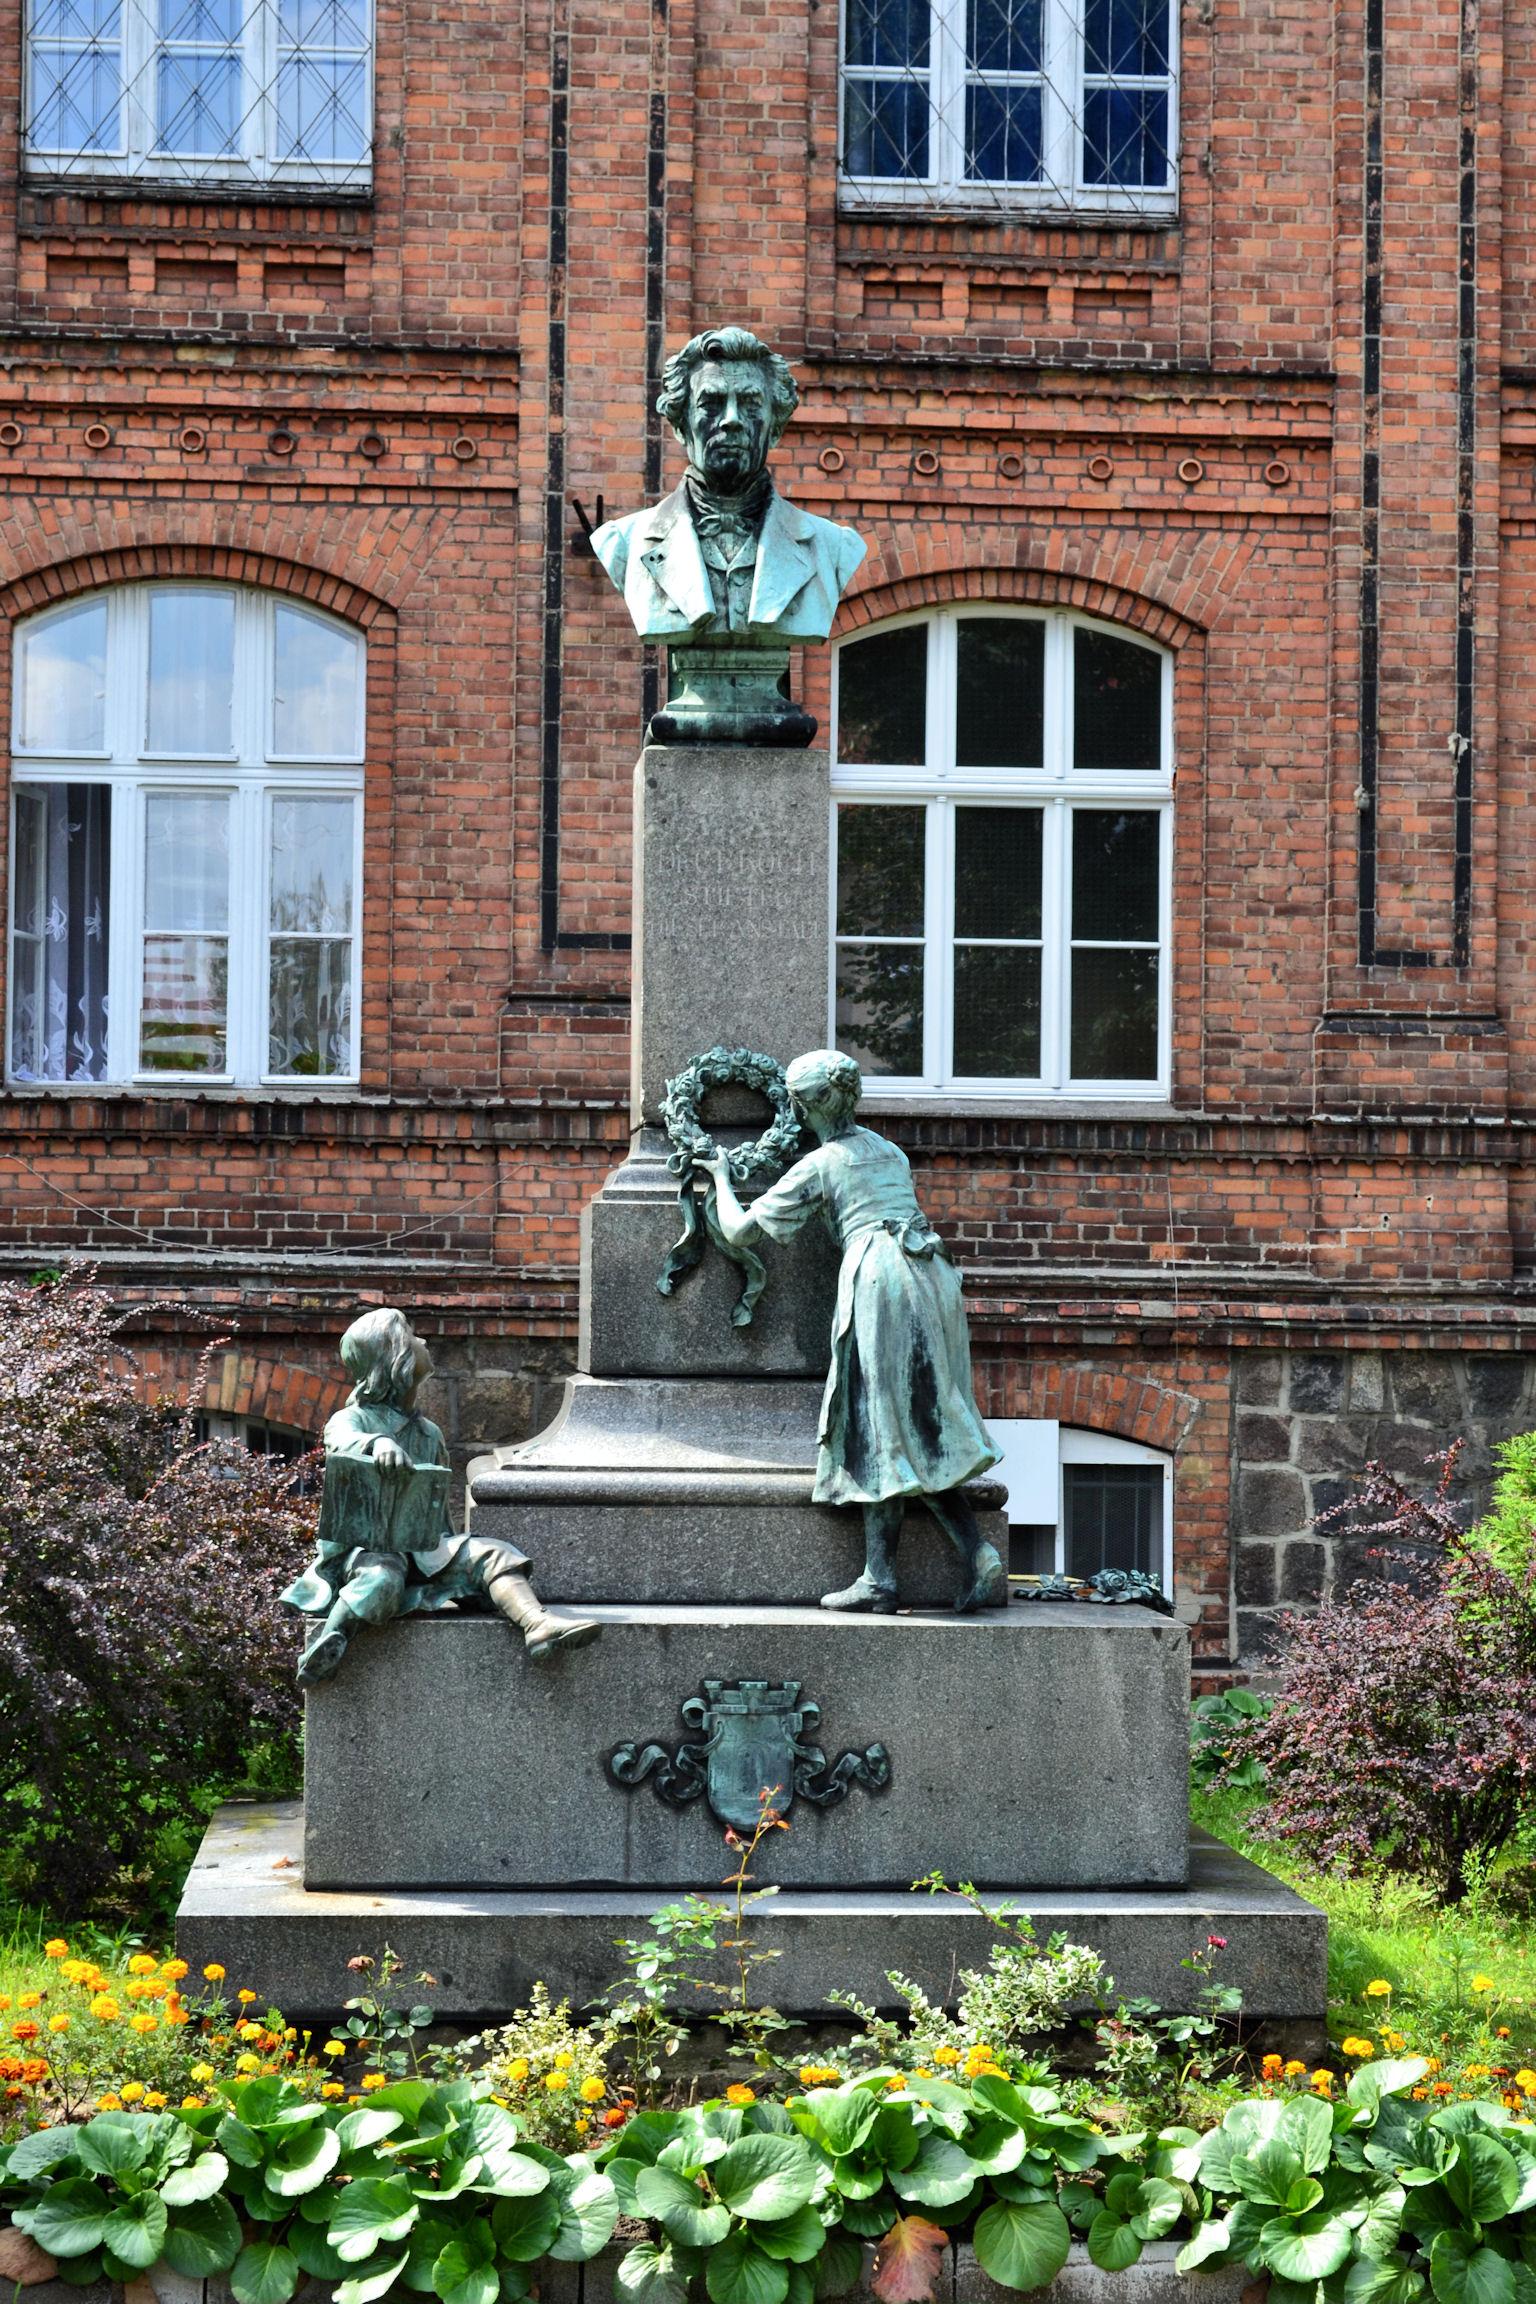 C. F. Koch memorial in his hometown